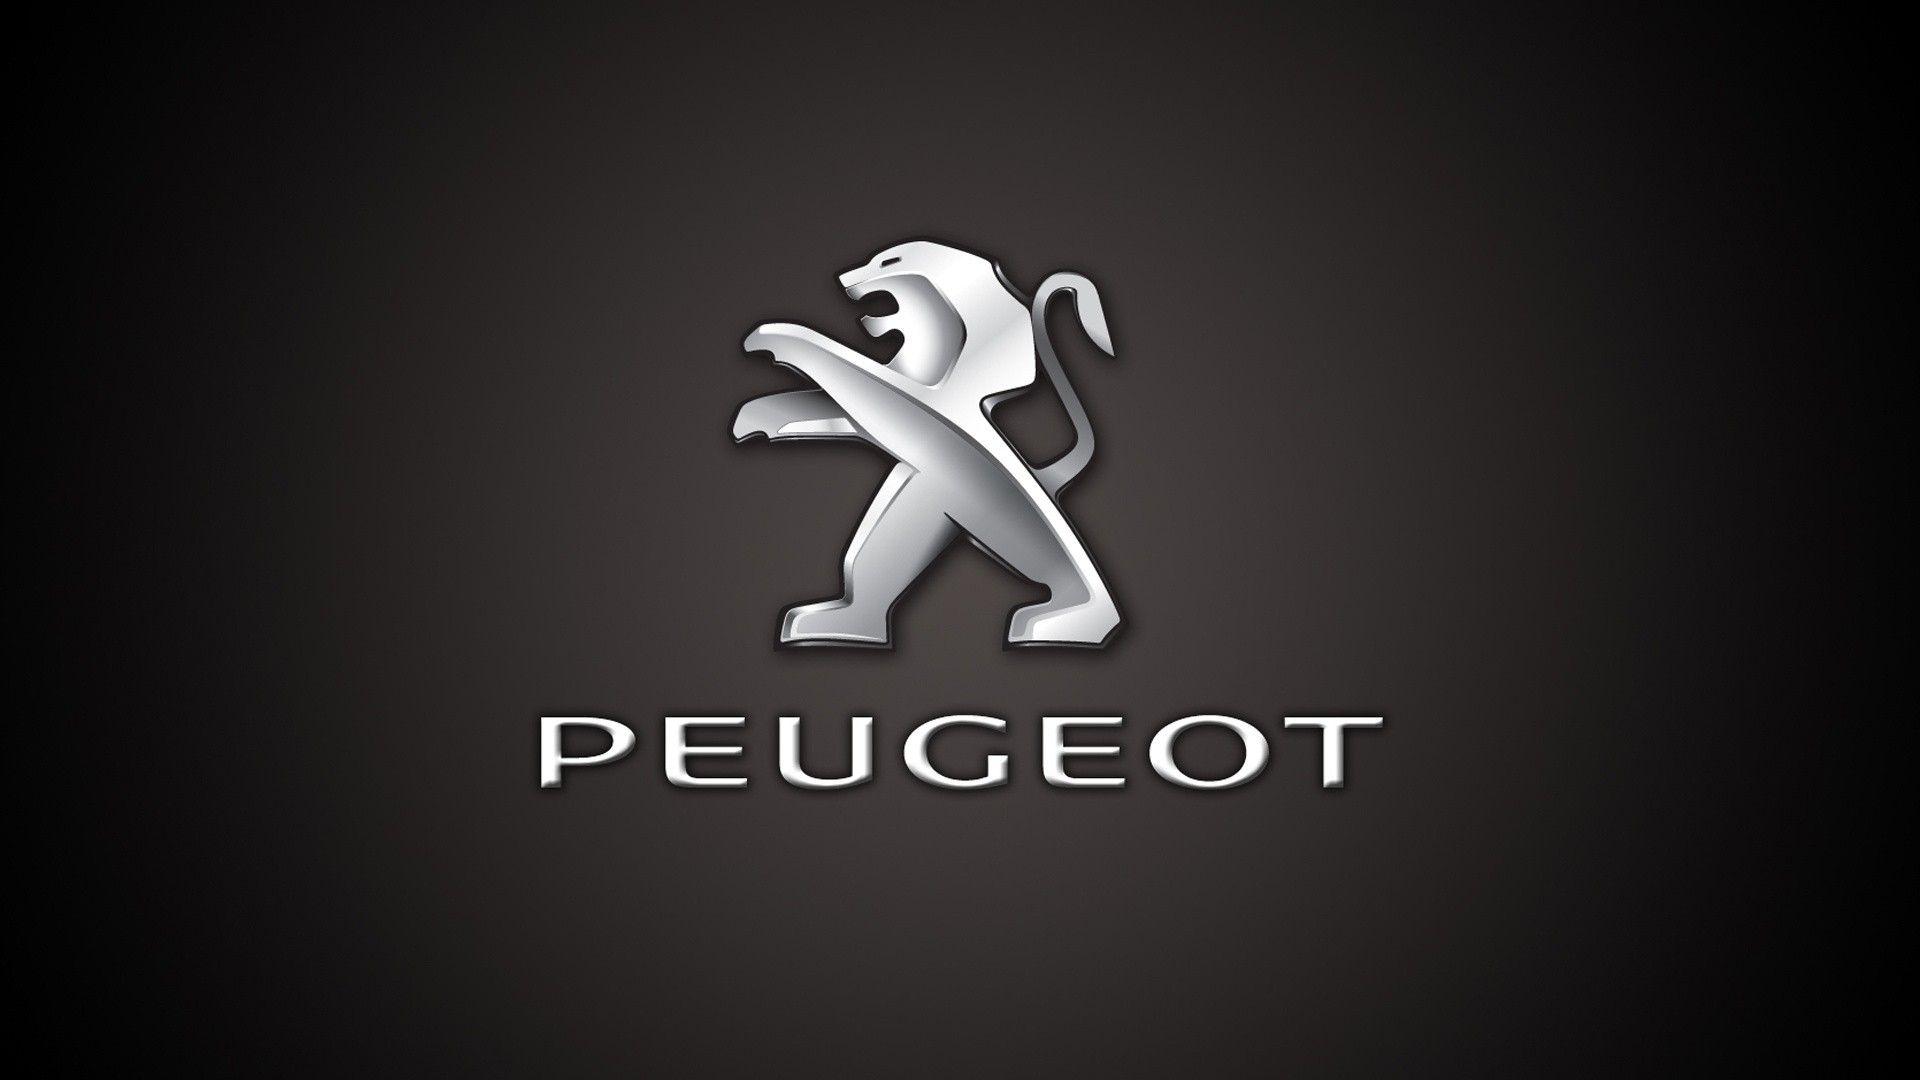 peugeot steel lion logo wallpaper 2 thiet ke ung